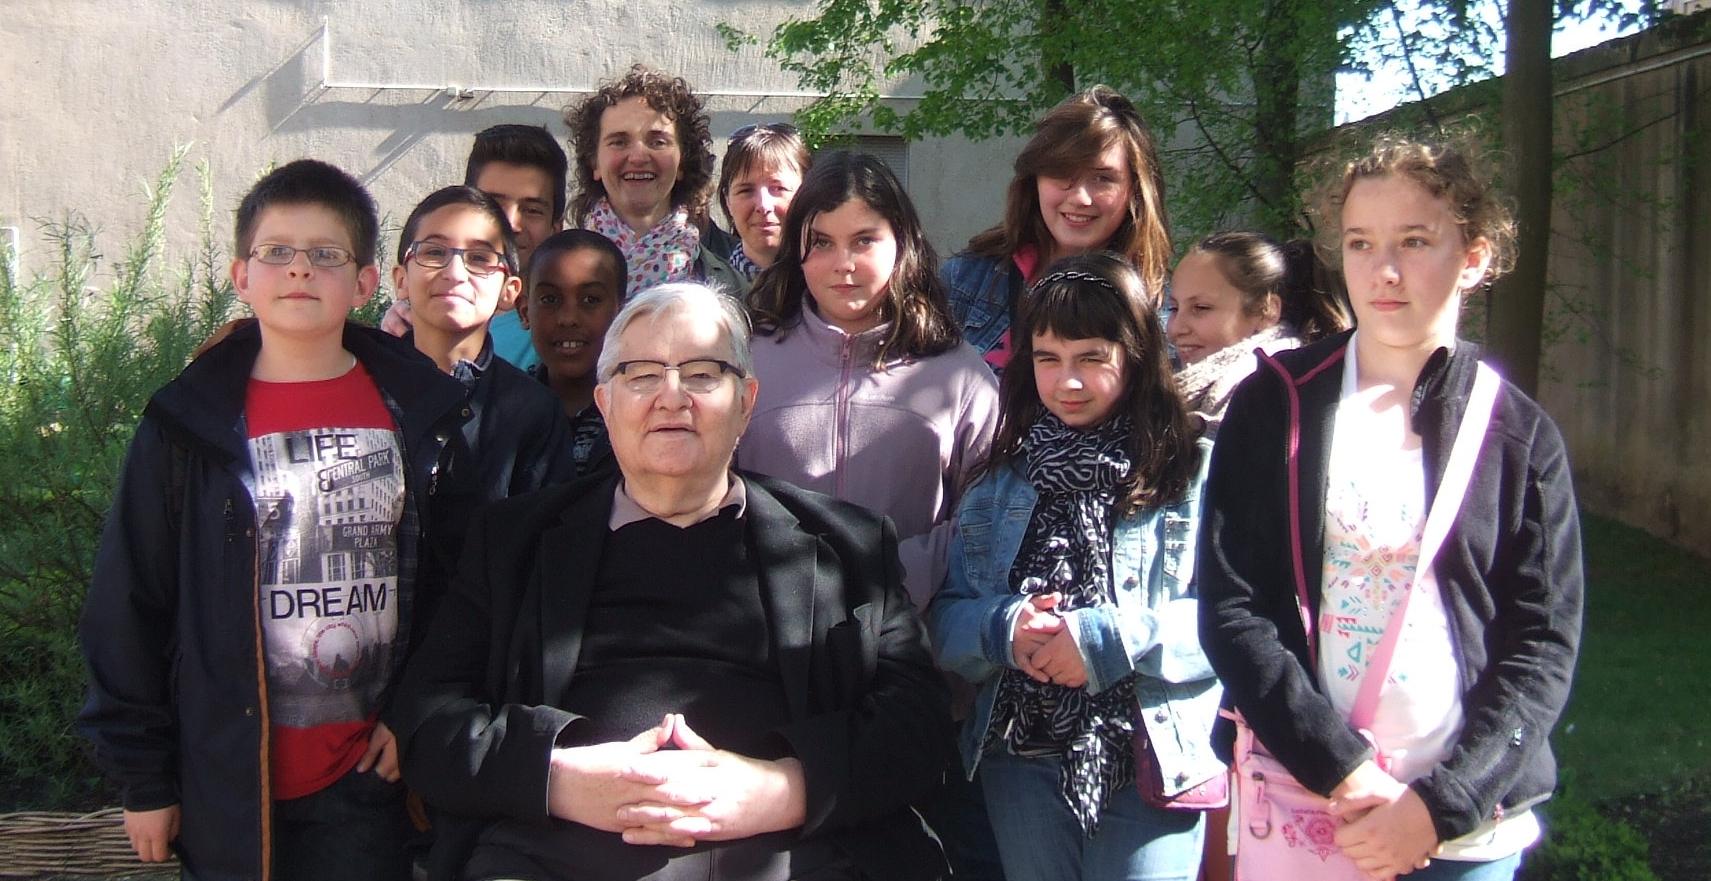 Des jeunes reporters pour l'environnement rencontrent Jean-Marie PELT